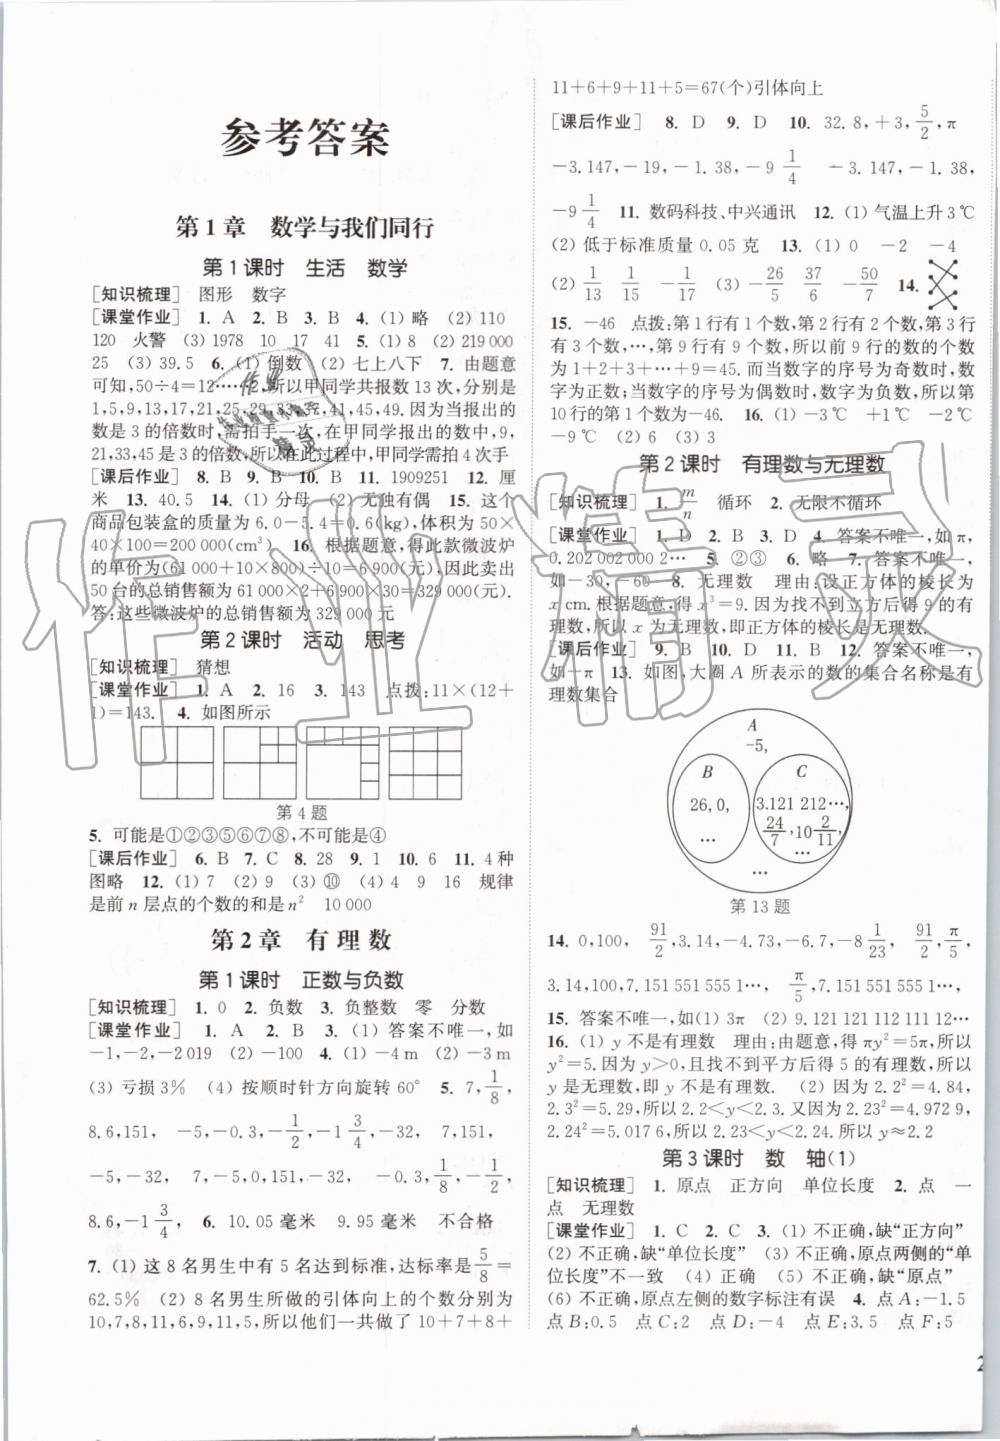 2019年通城学典课时作业本七年级数学上册江苏版江苏专用第1页